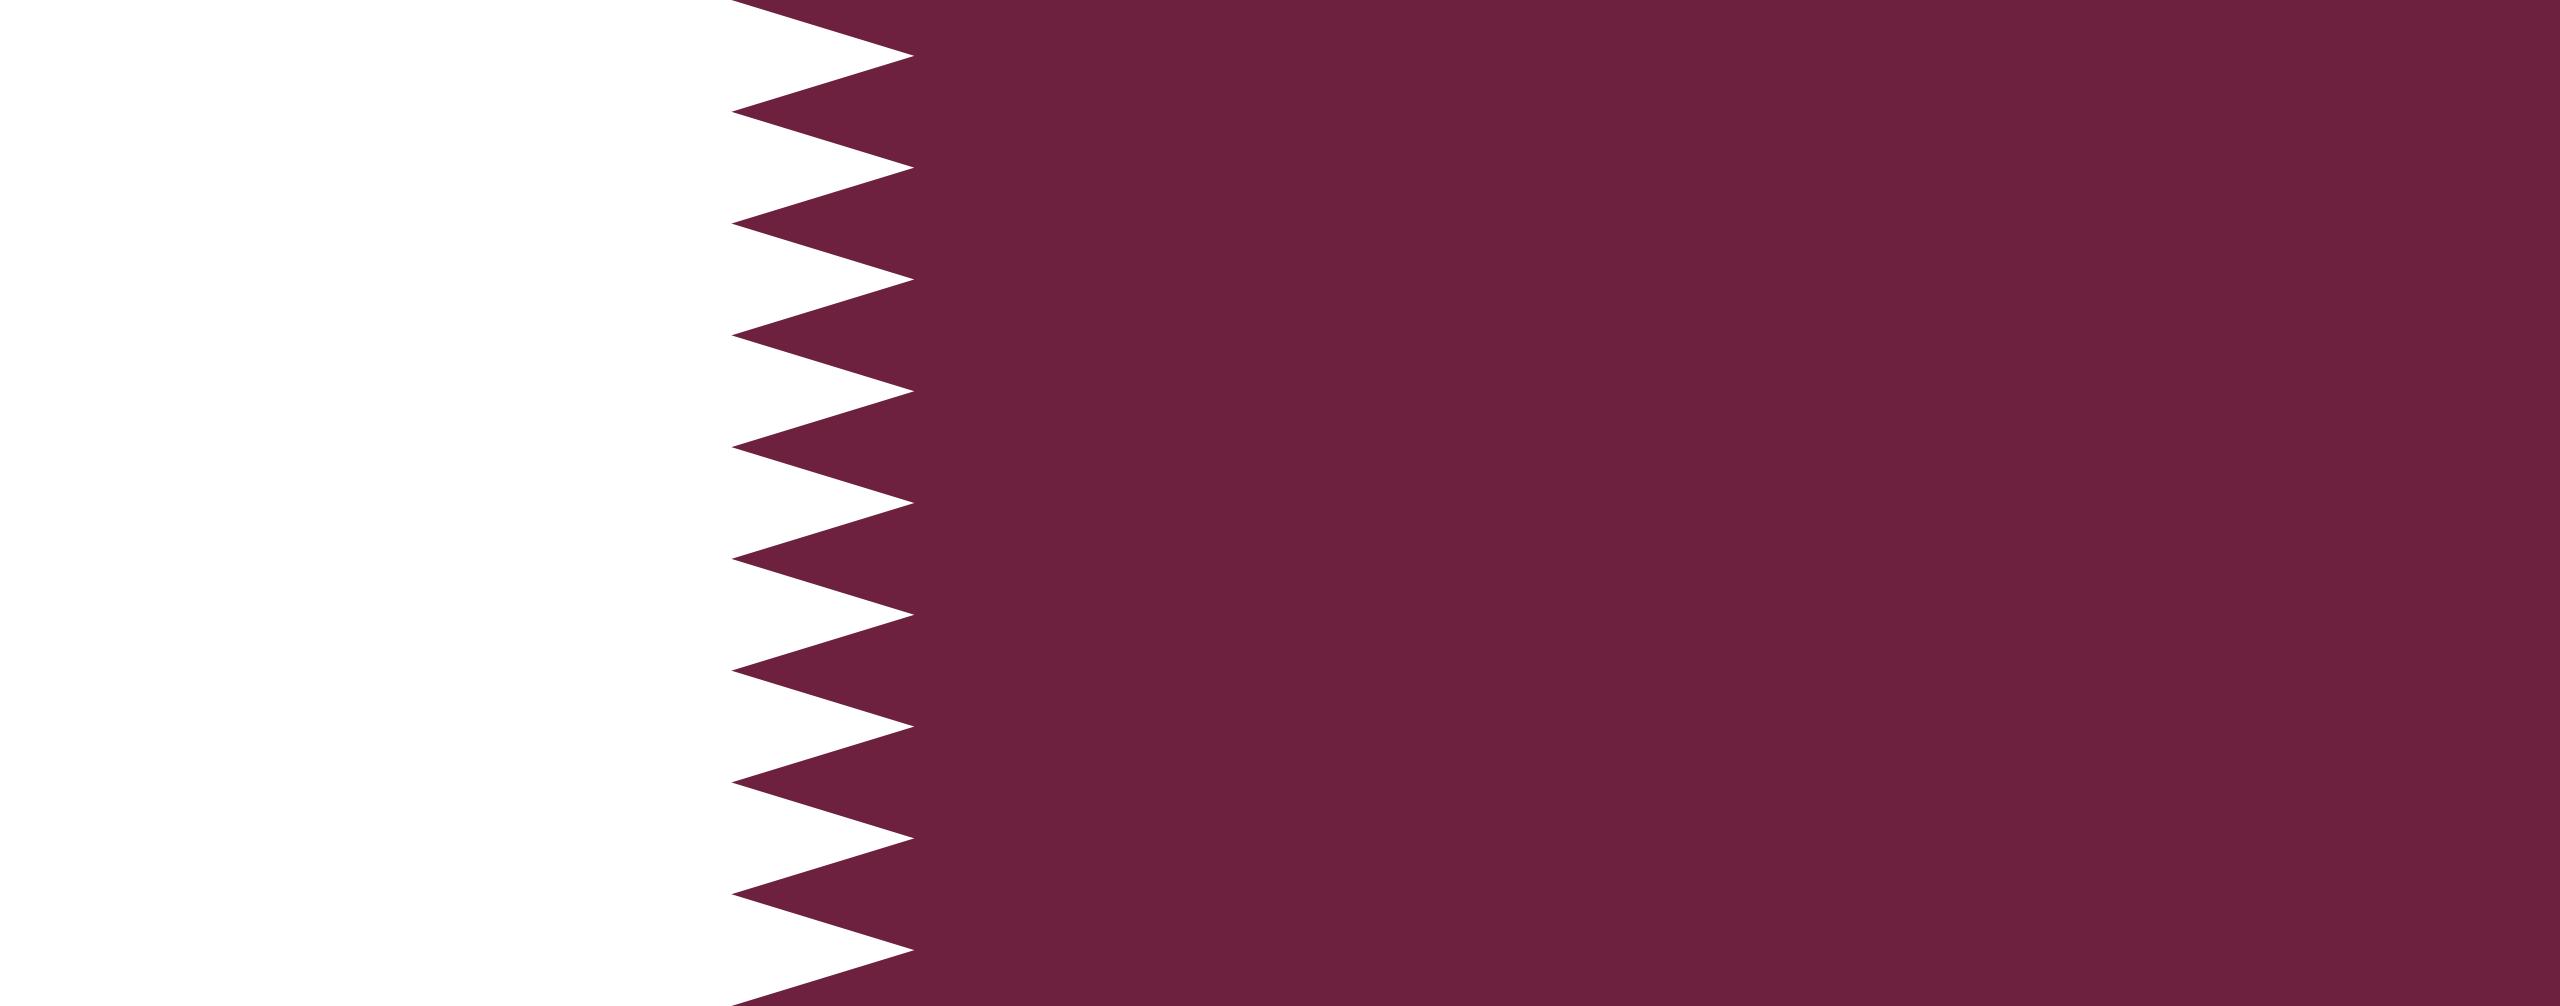 qatar, país, emblema, insignia, símbolo - Fondos de Pantalla HD - professor-falken.com